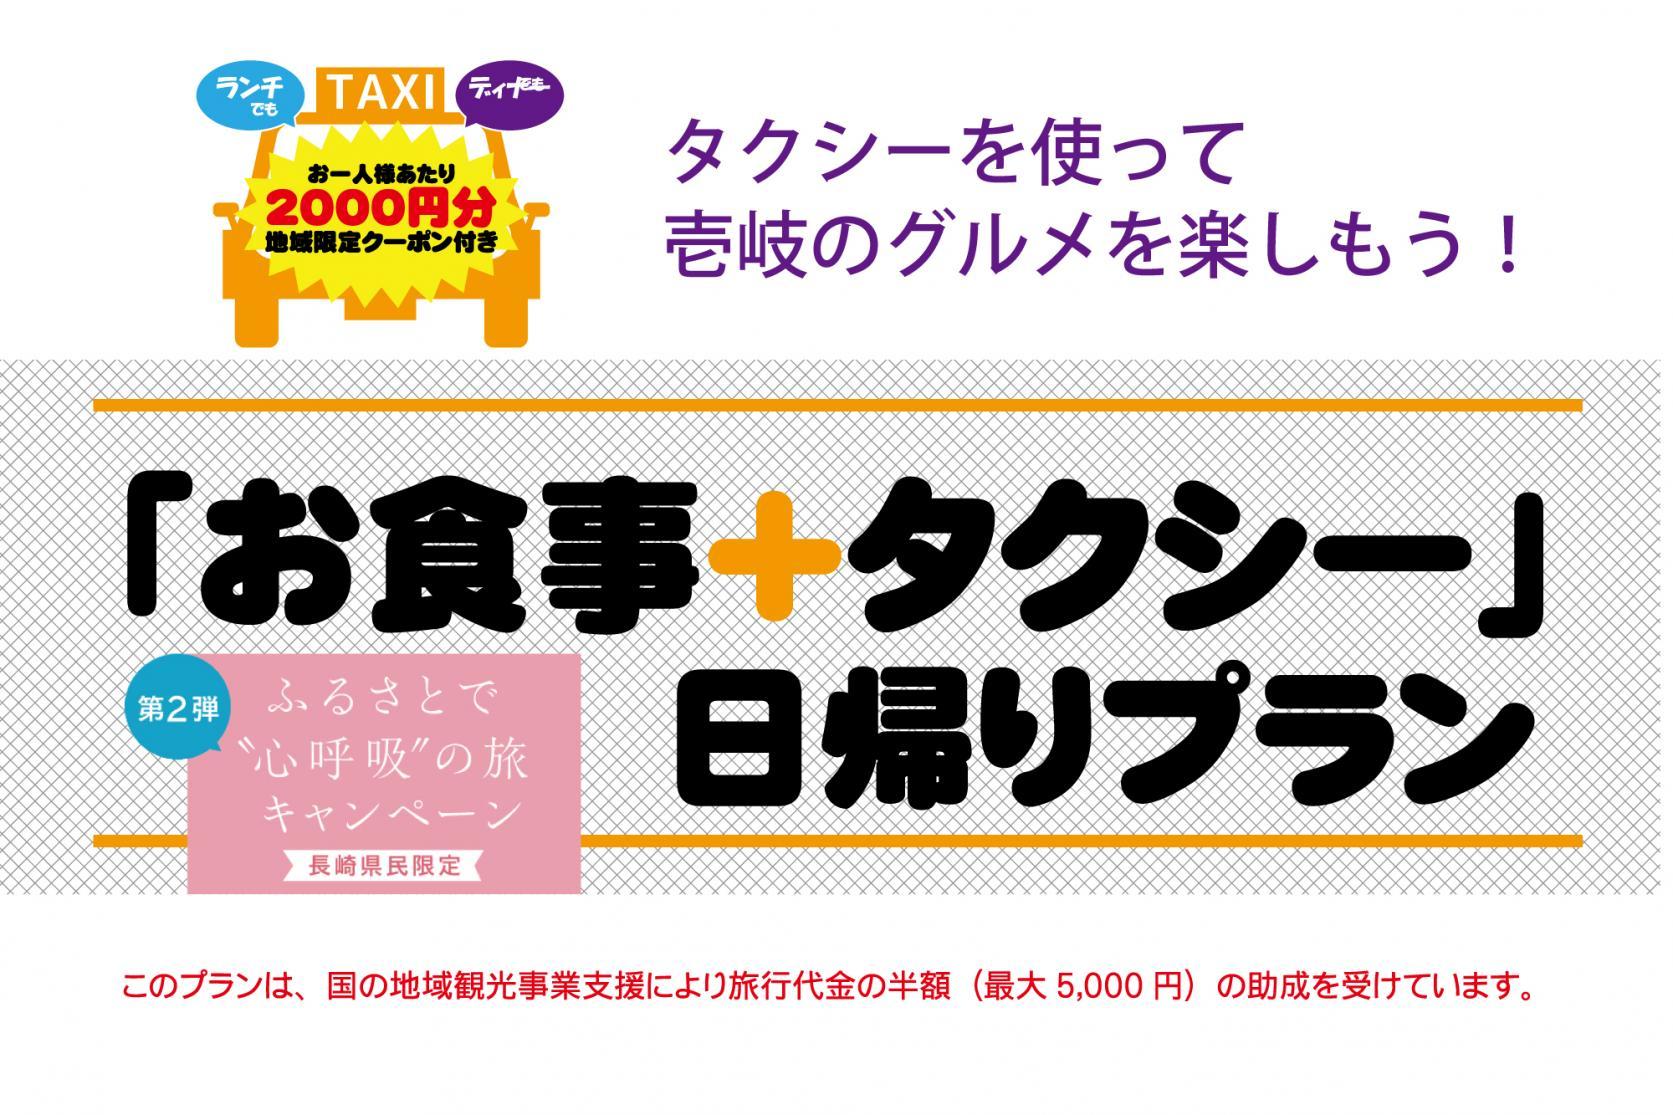 【長崎県民限定「お食事+タクシー」日帰りプラン 販売再開のお知らせ】-1